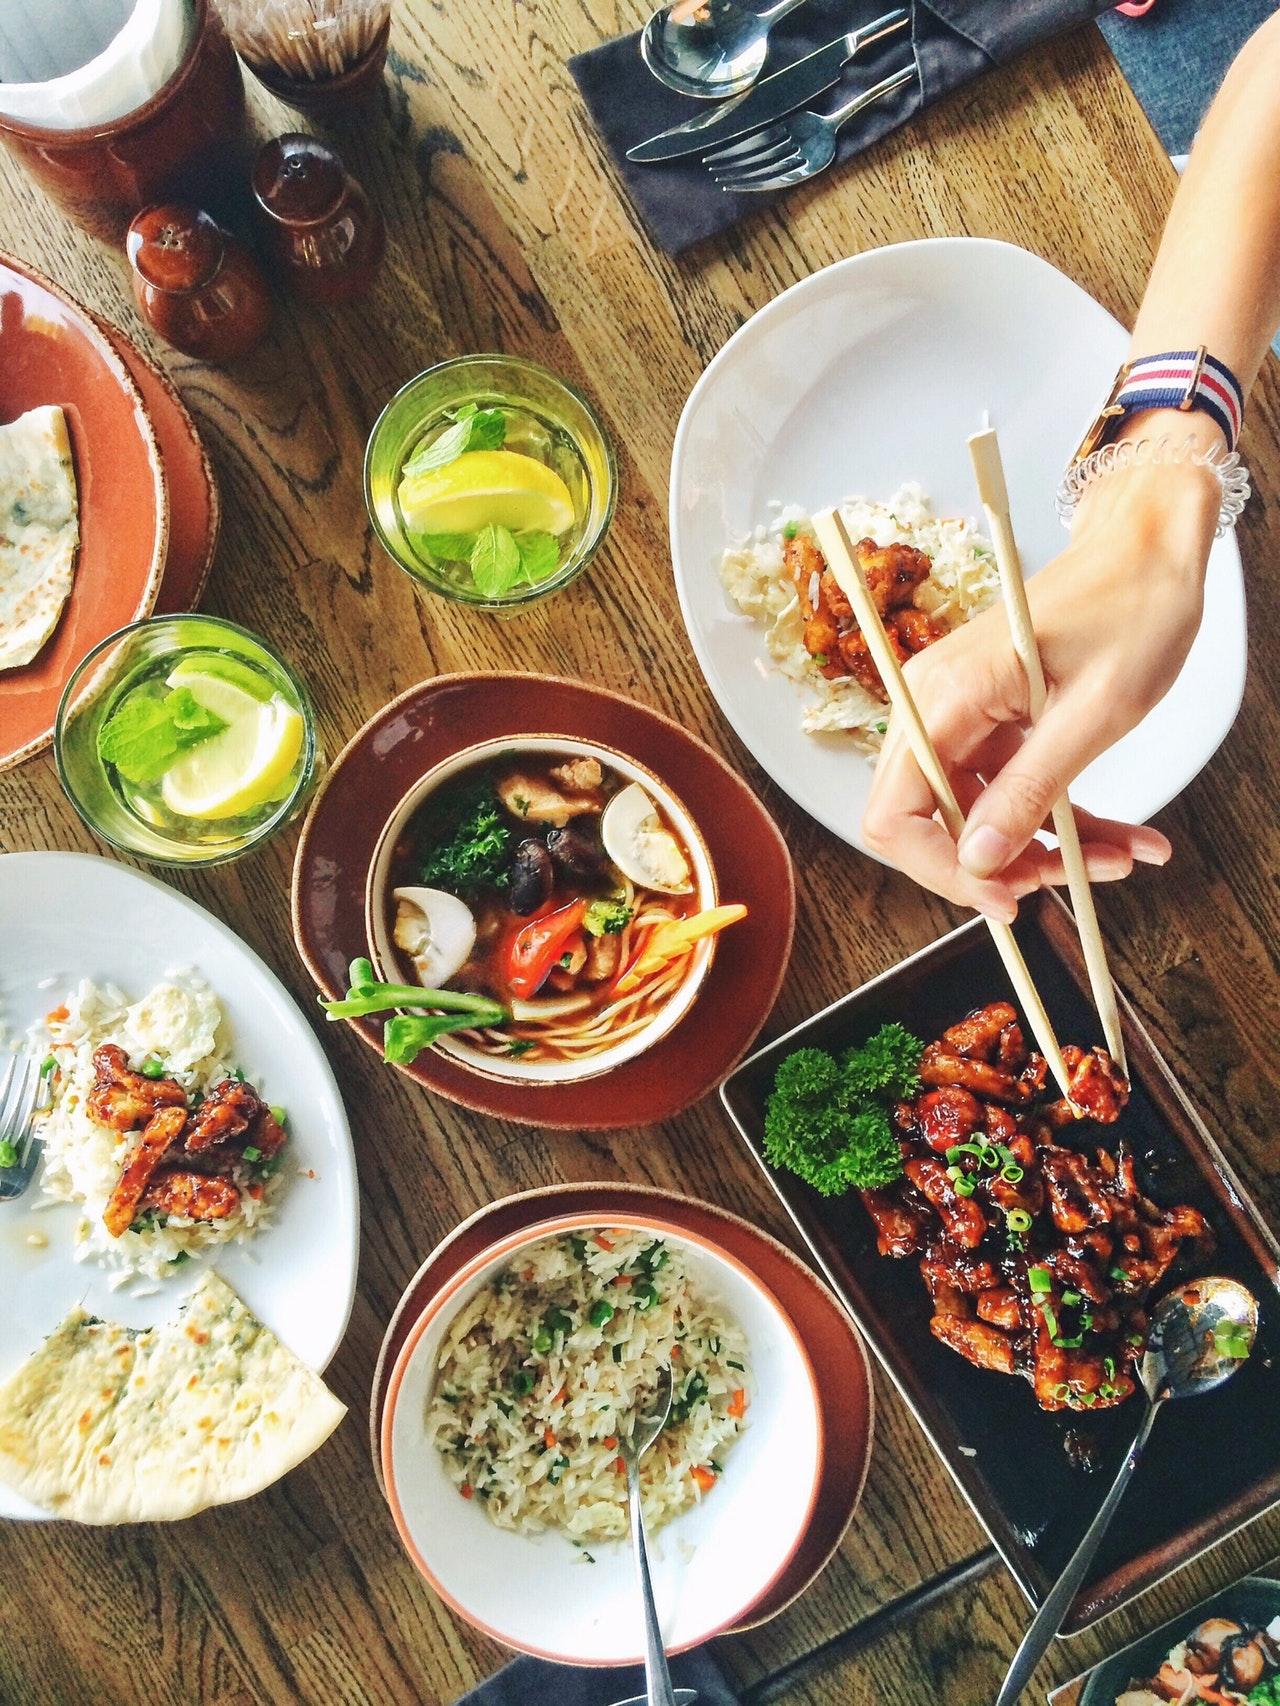 Dinner for two: Den bedste venindegave - som i begge kan få gavn af